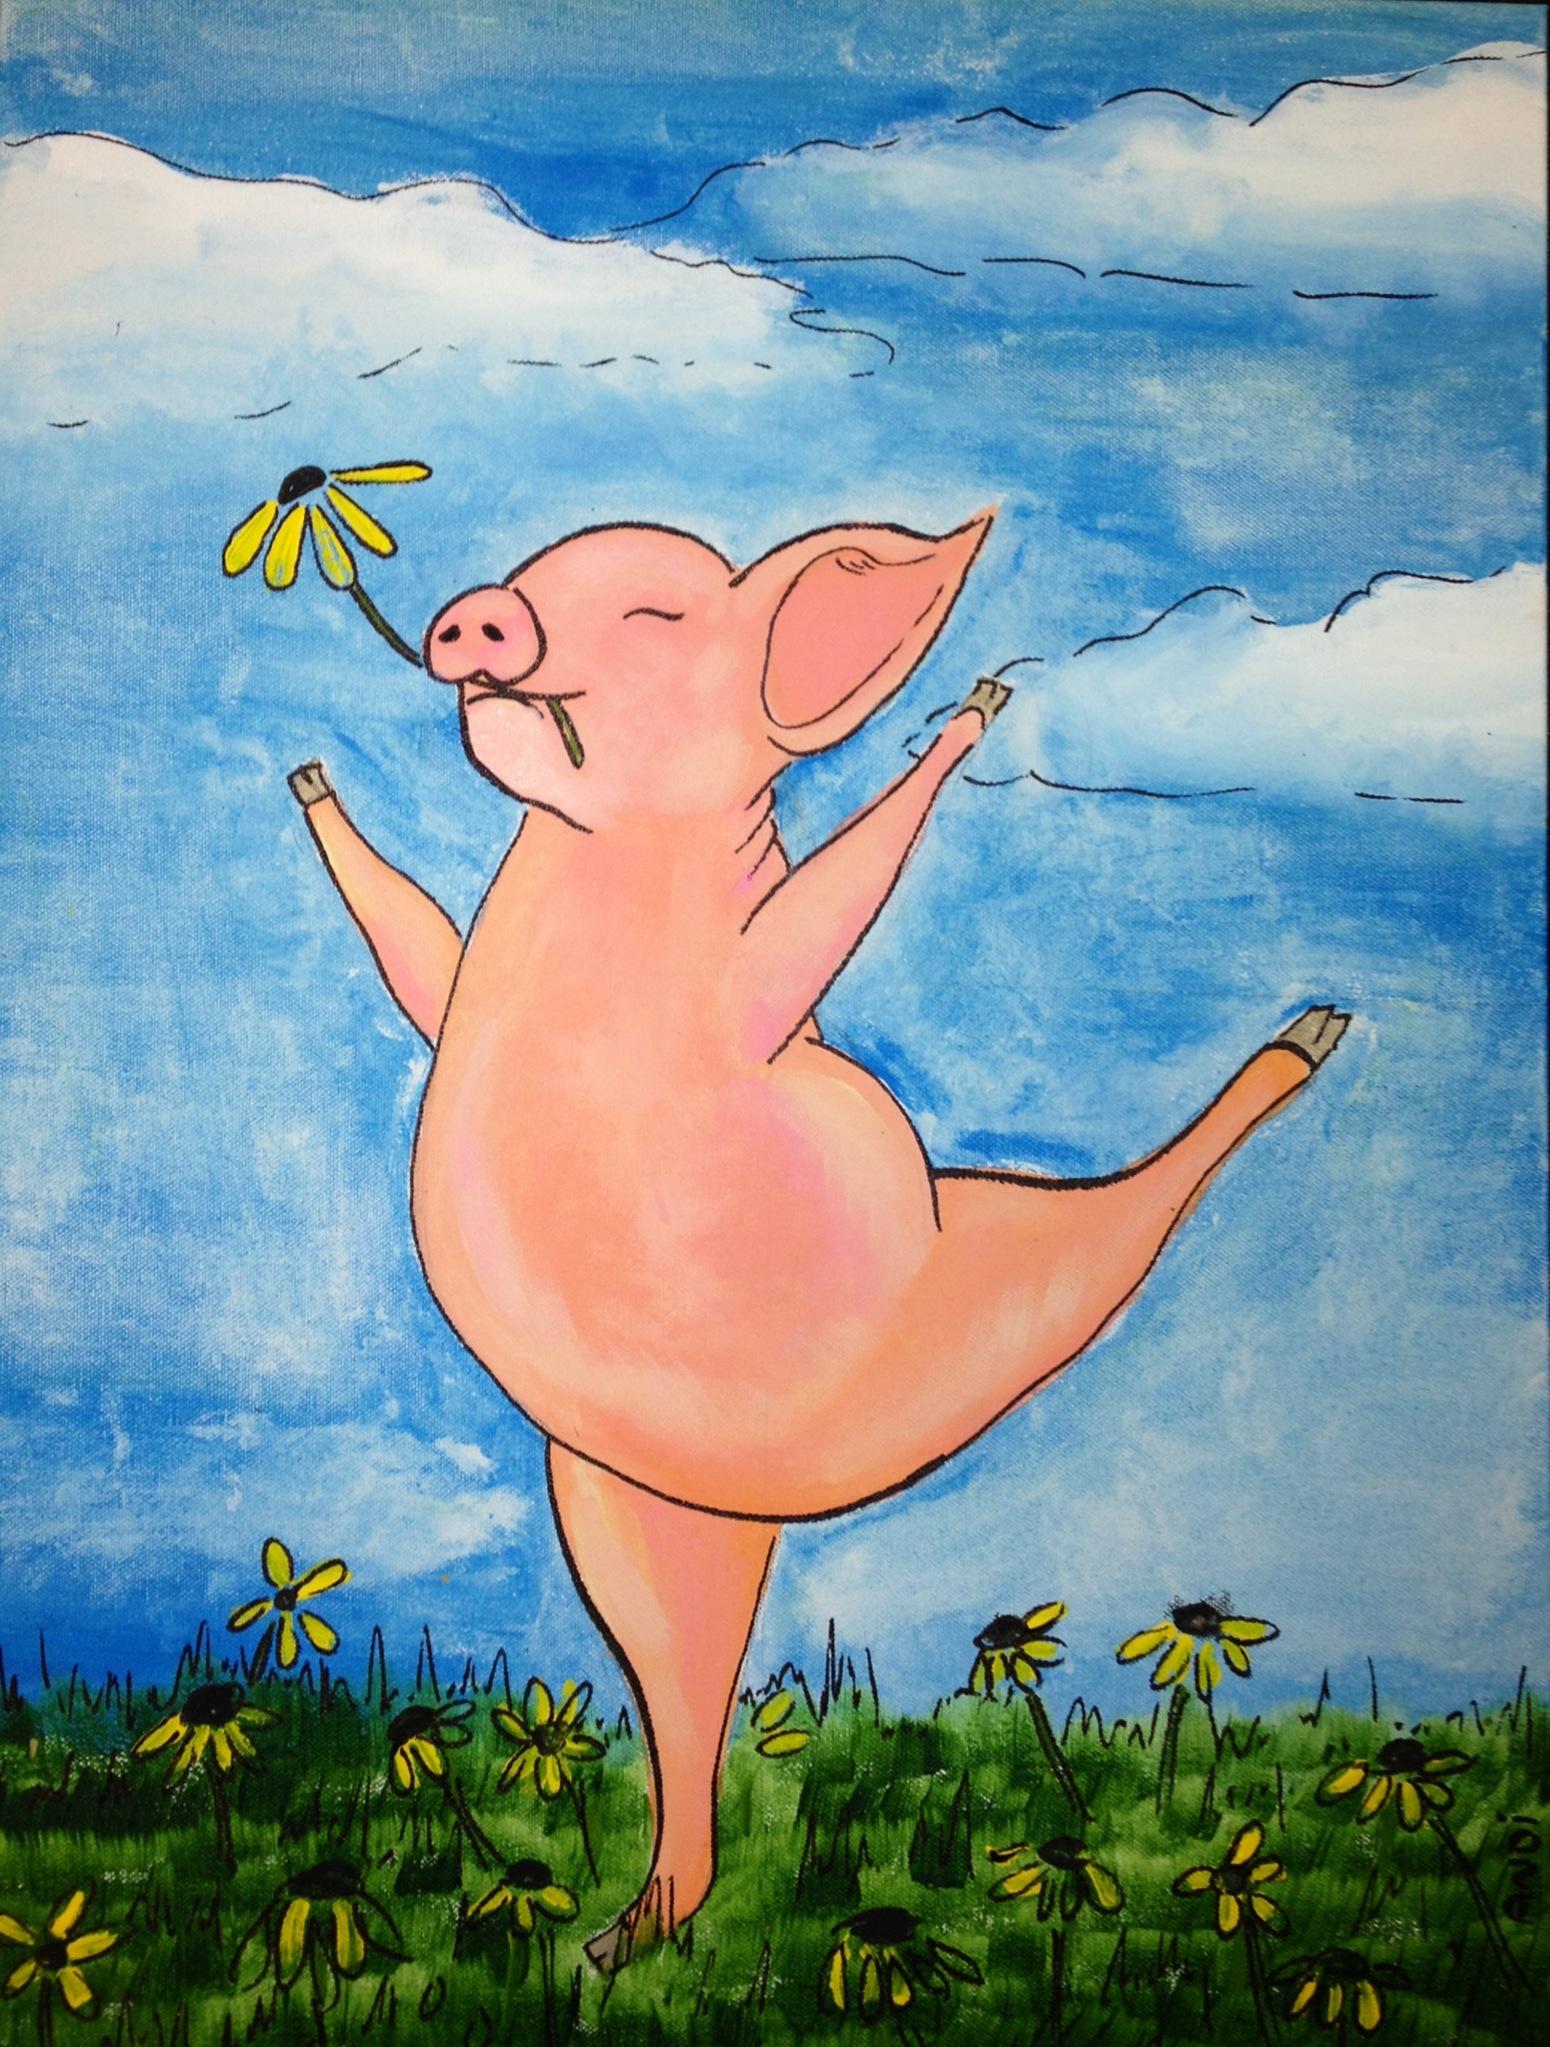 Petunia the Dancing Pig